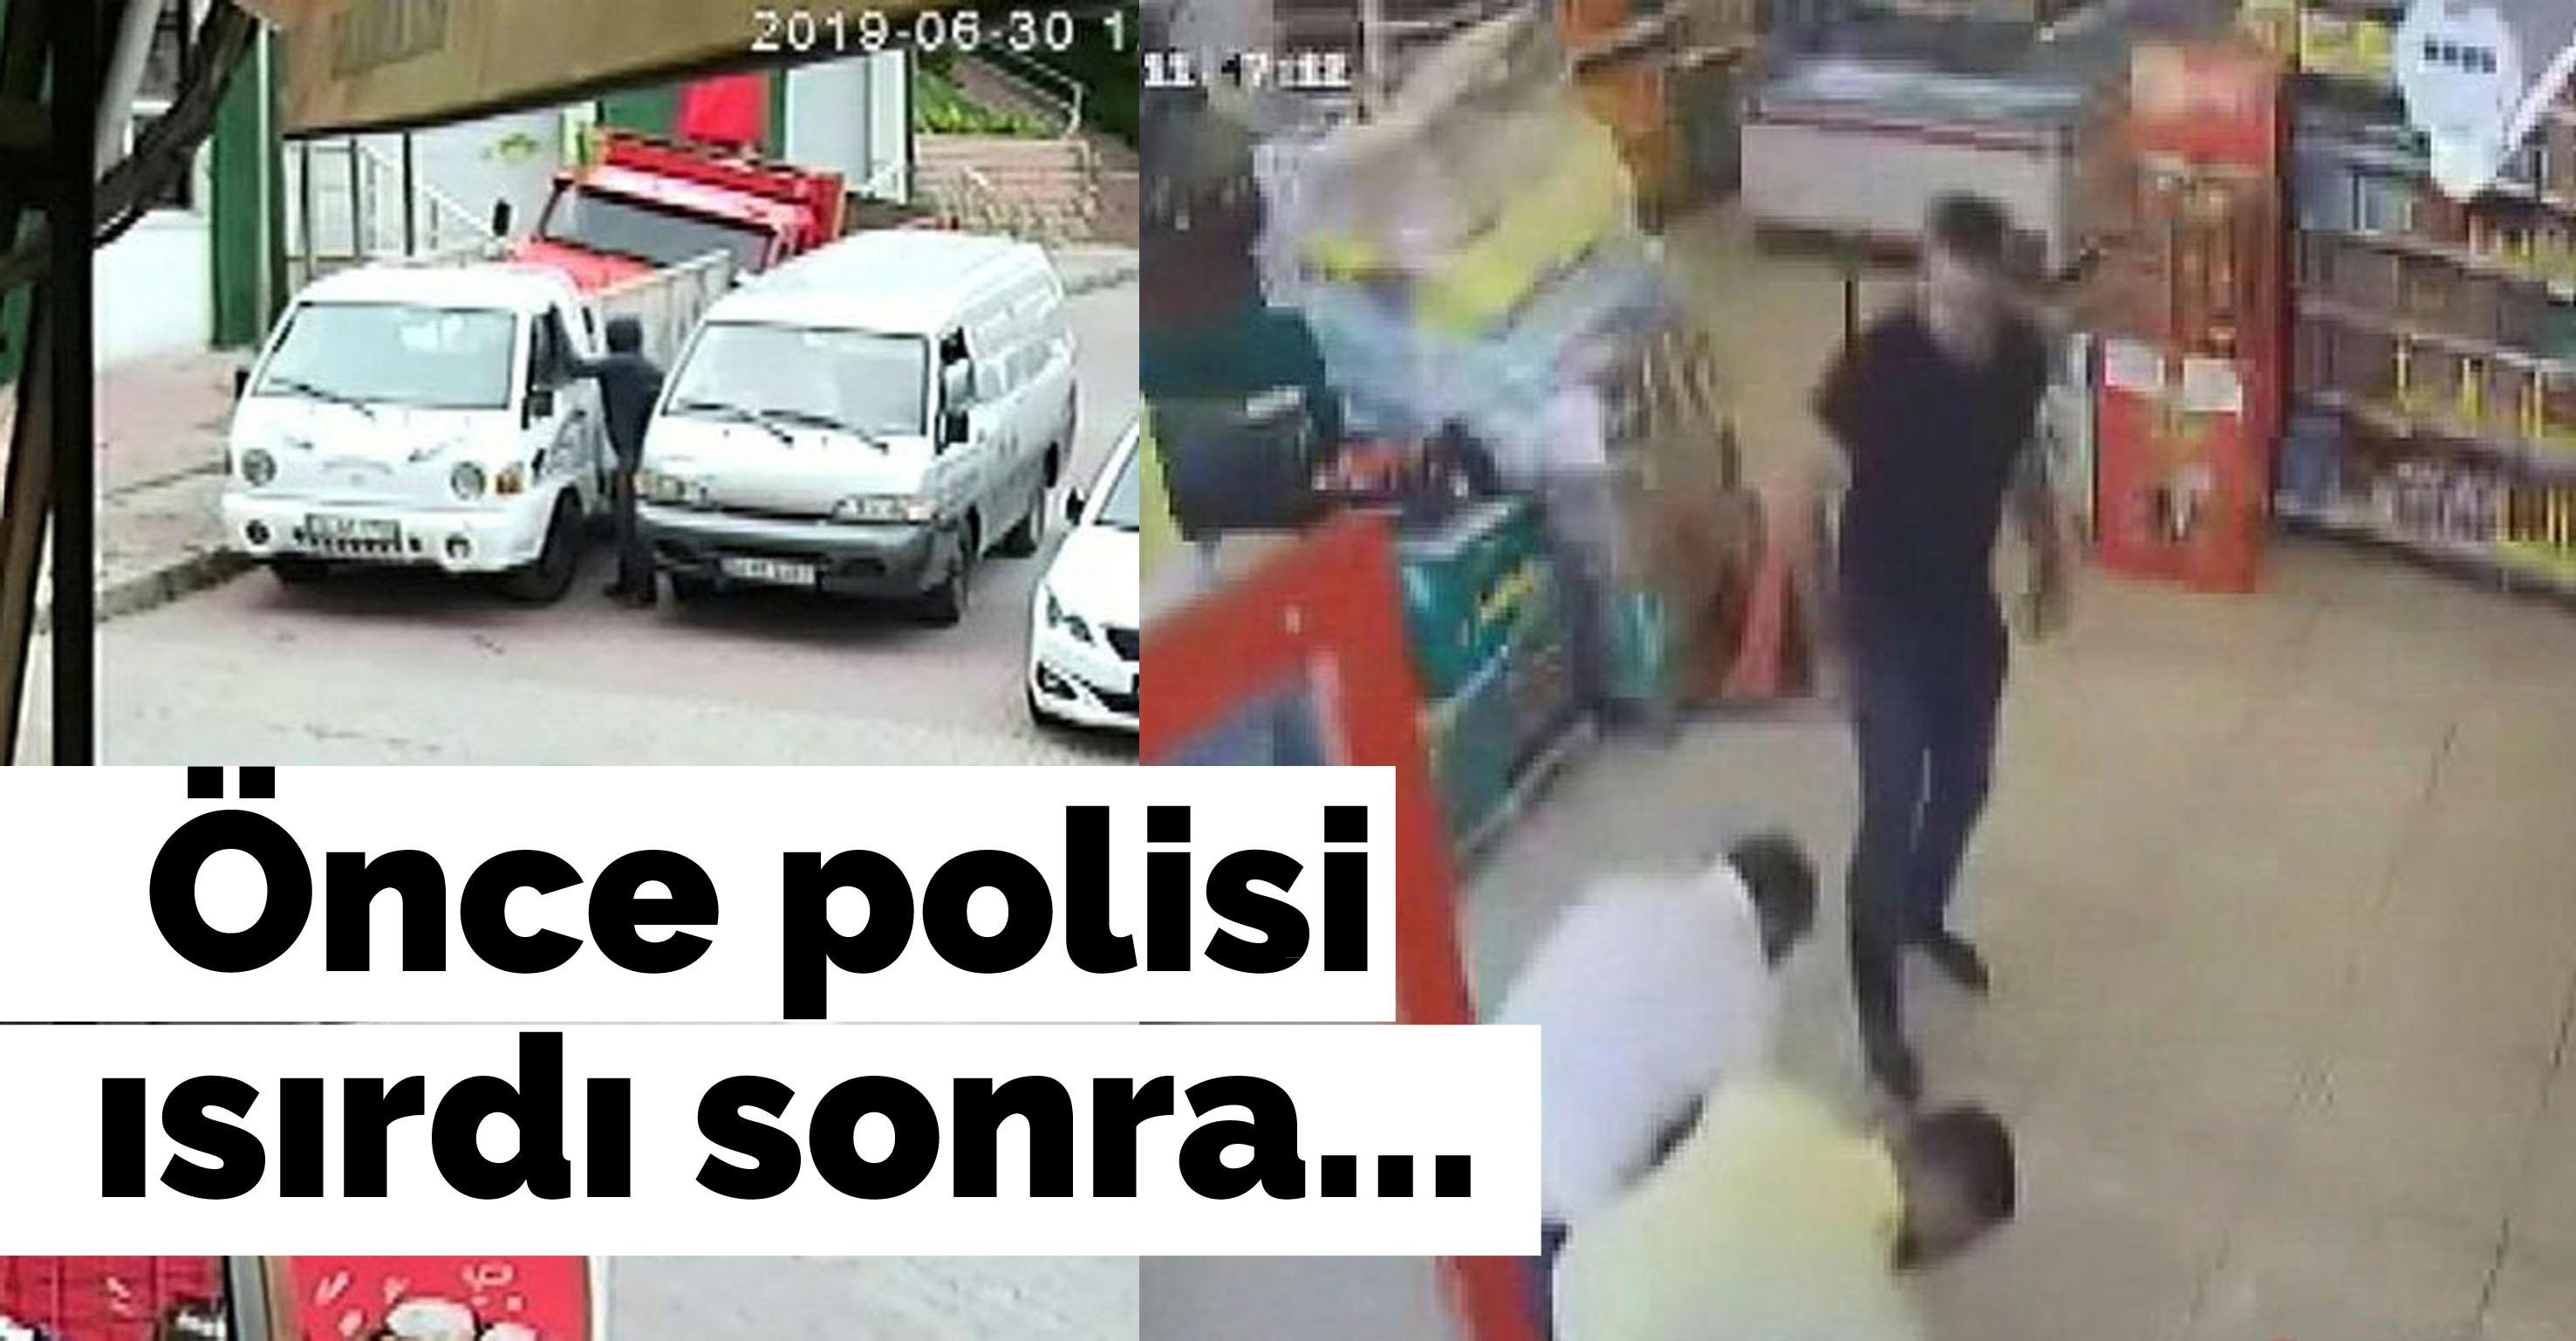 İstanbul'da şok olay! Önce polisi ısırdı sonra…